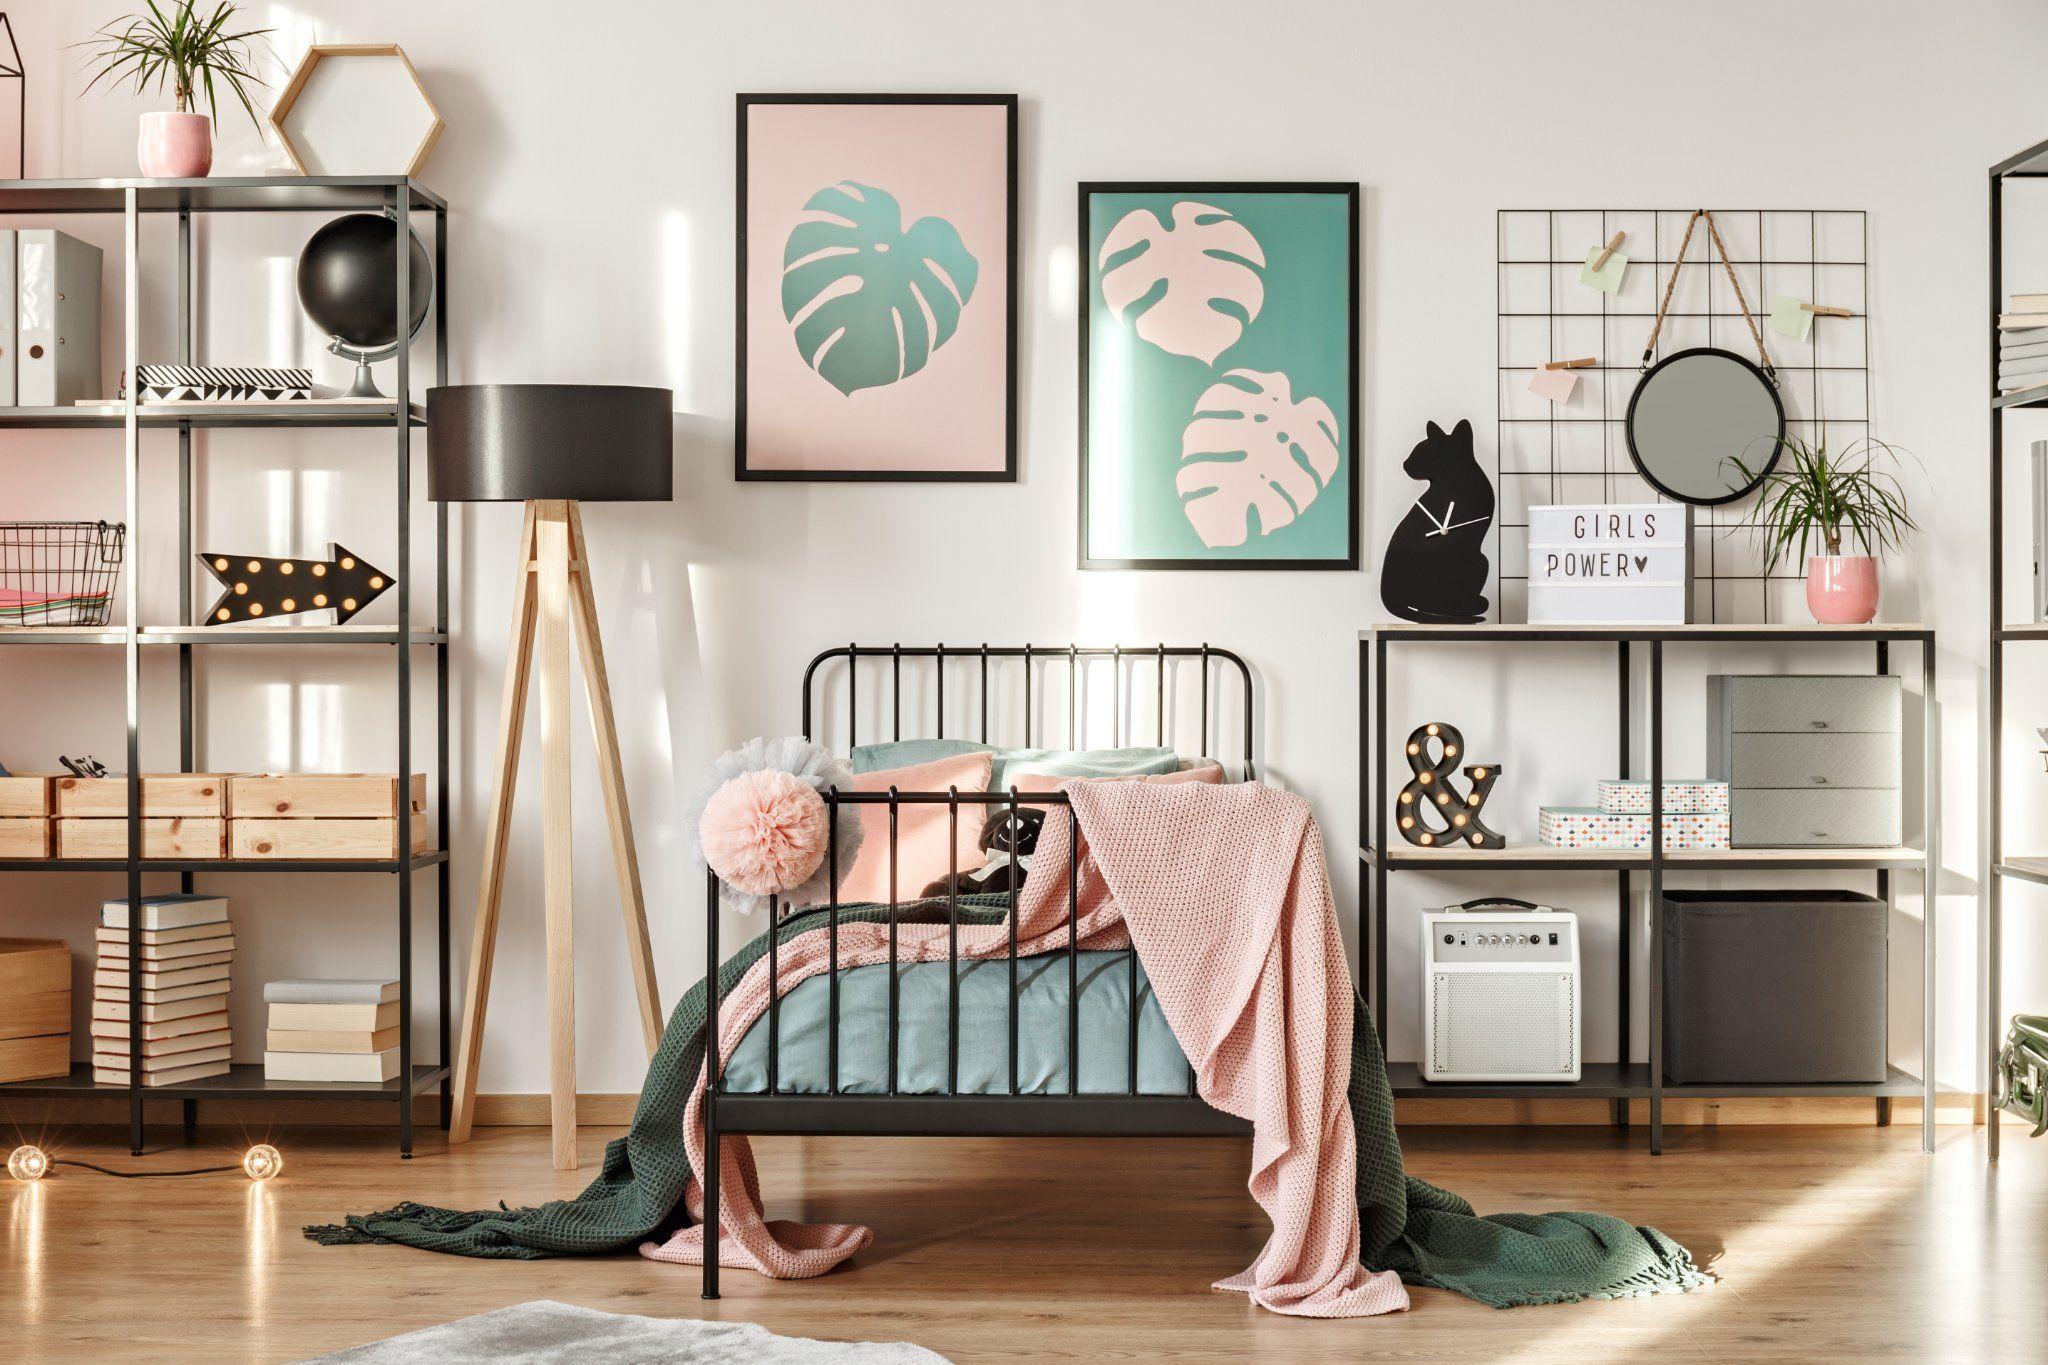 Hai una figlia adolescente e la sua camera da letto è decisamente piccola? Idee Camera Da Letto Ragazza Instapro